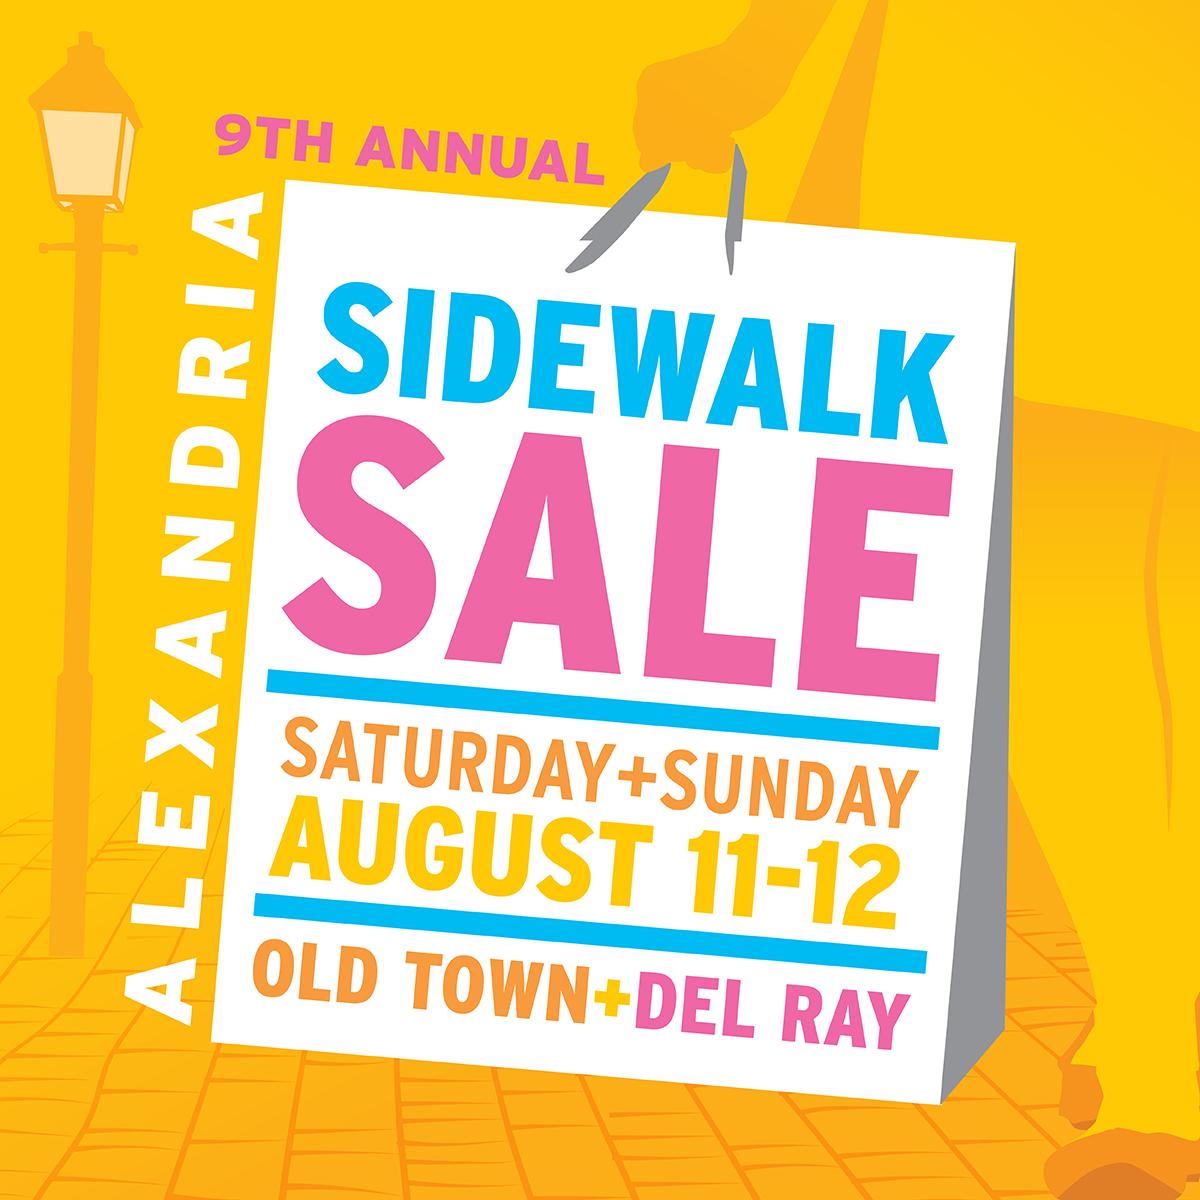 2018SidewalkSale_Insta_FB_Square_1200x1200.jpg